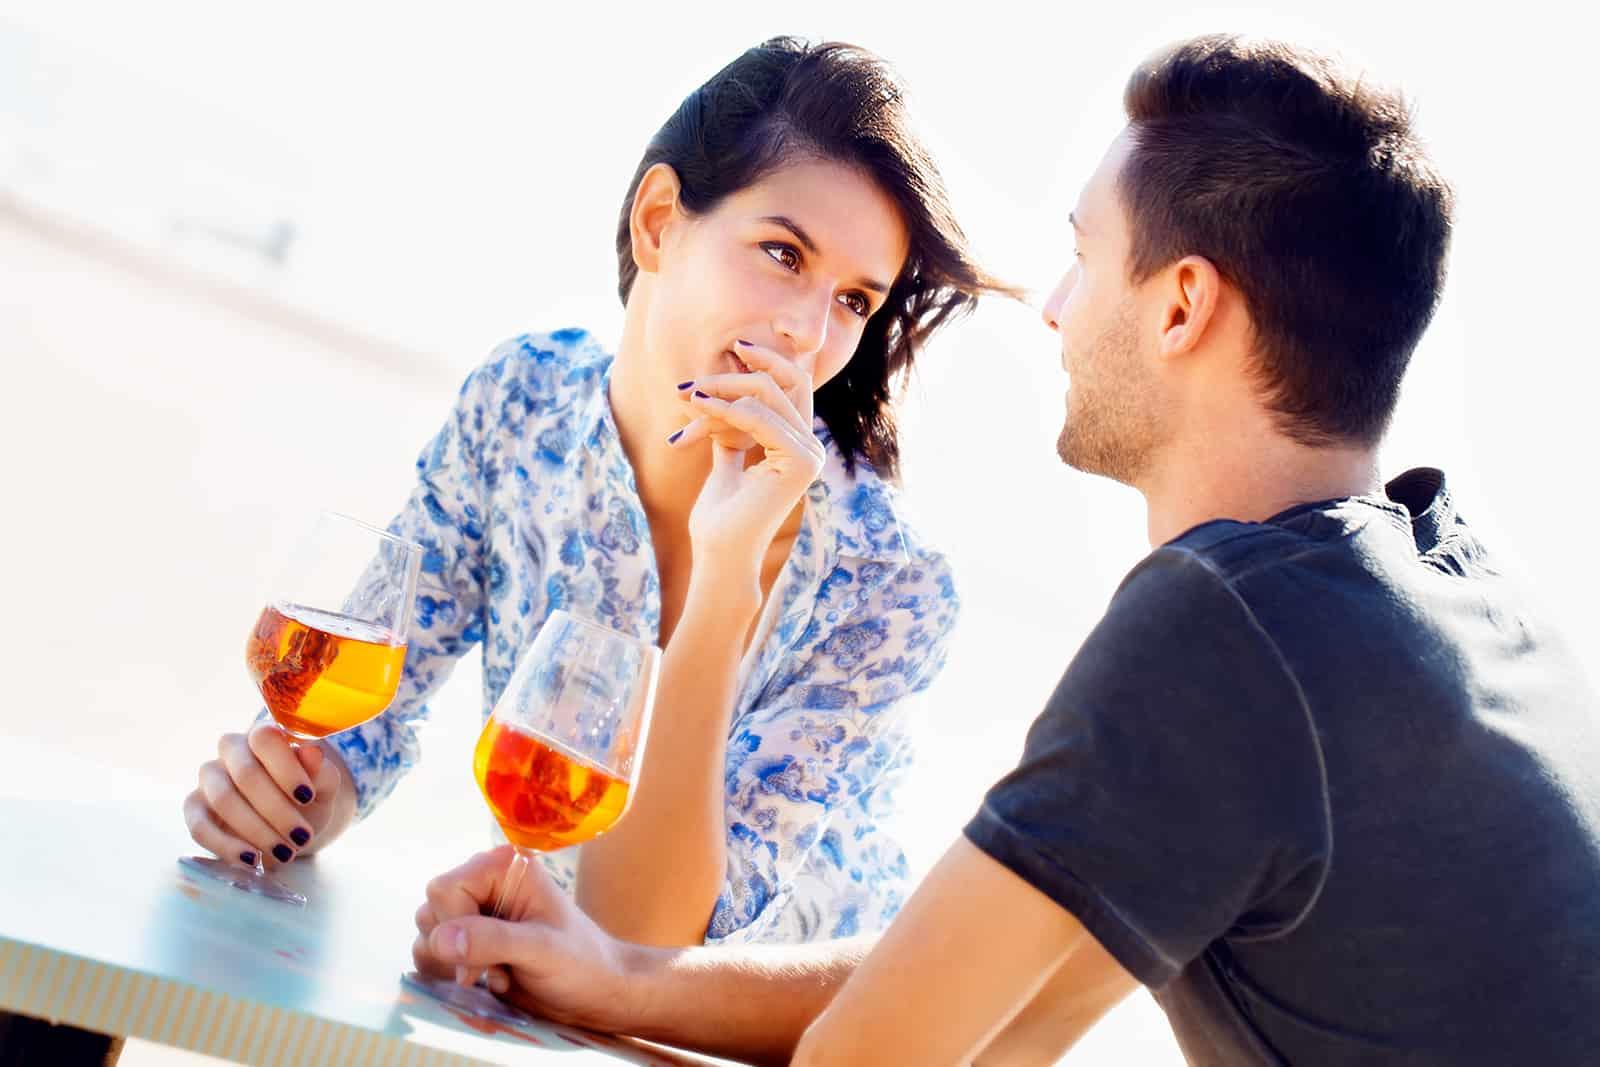 un homme et une femme se regardant dans les yeux tout en buvant du vin ensemble